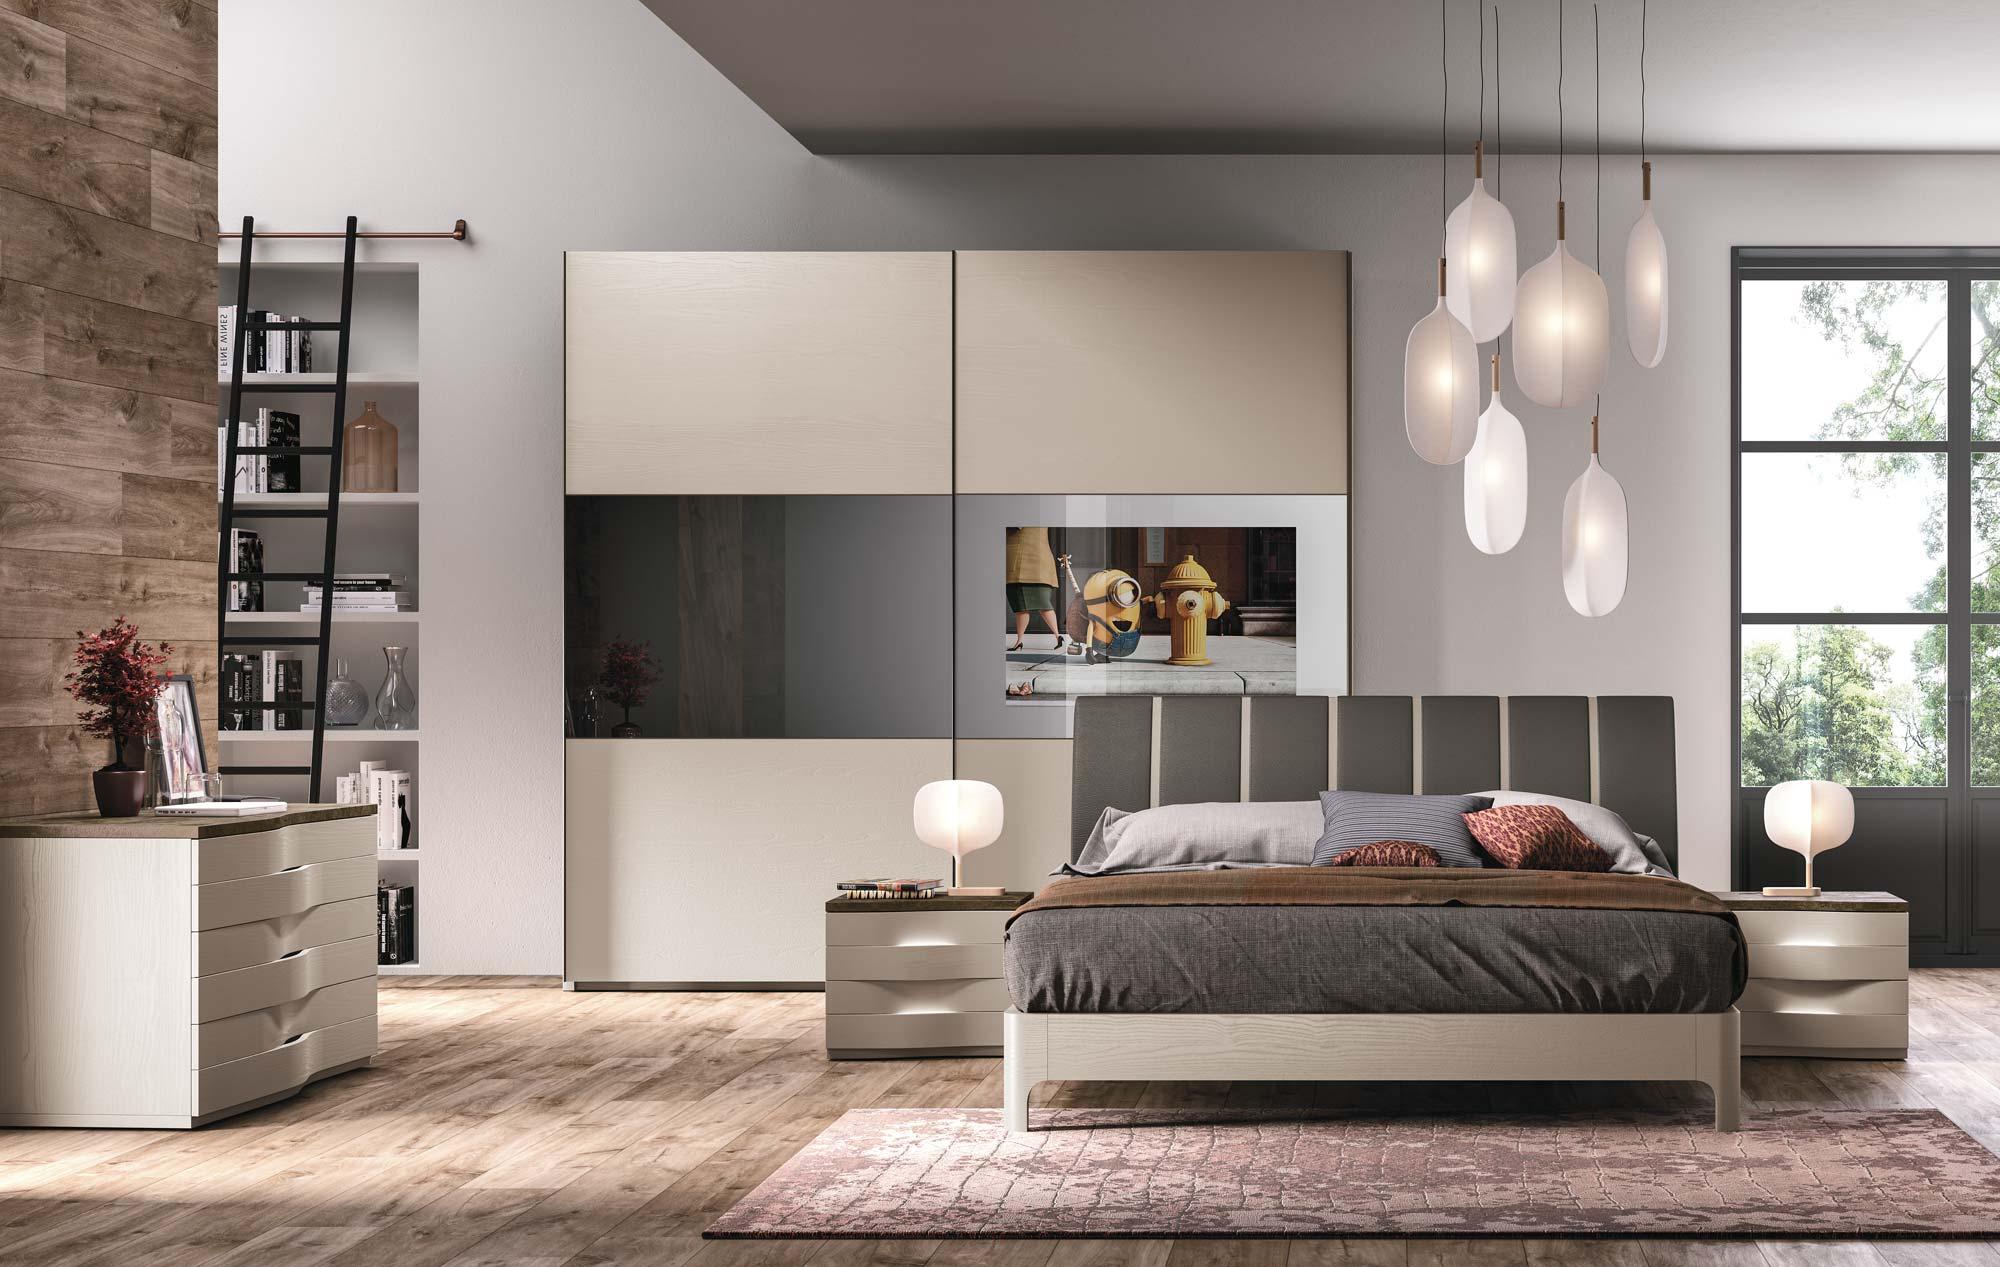 Camera materya 2 smart tv paoletti mobili for Camere da letto